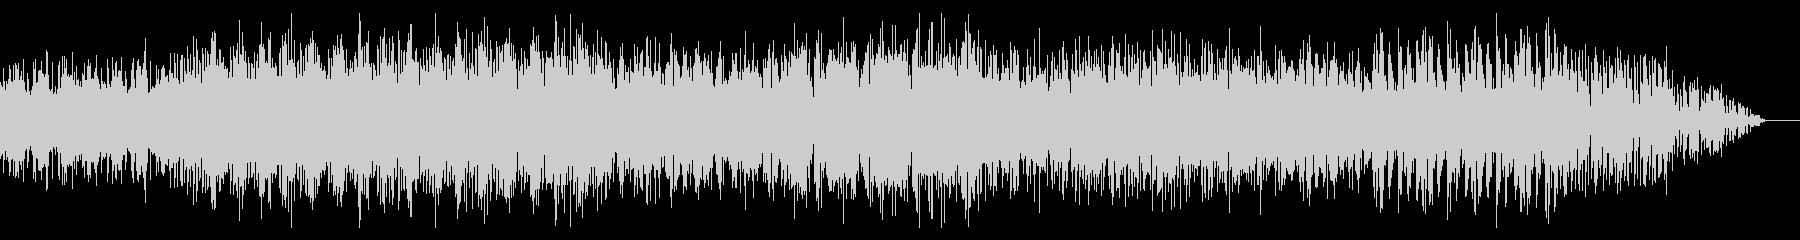 ダークな雰囲気のドラムンベースの未再生の波形